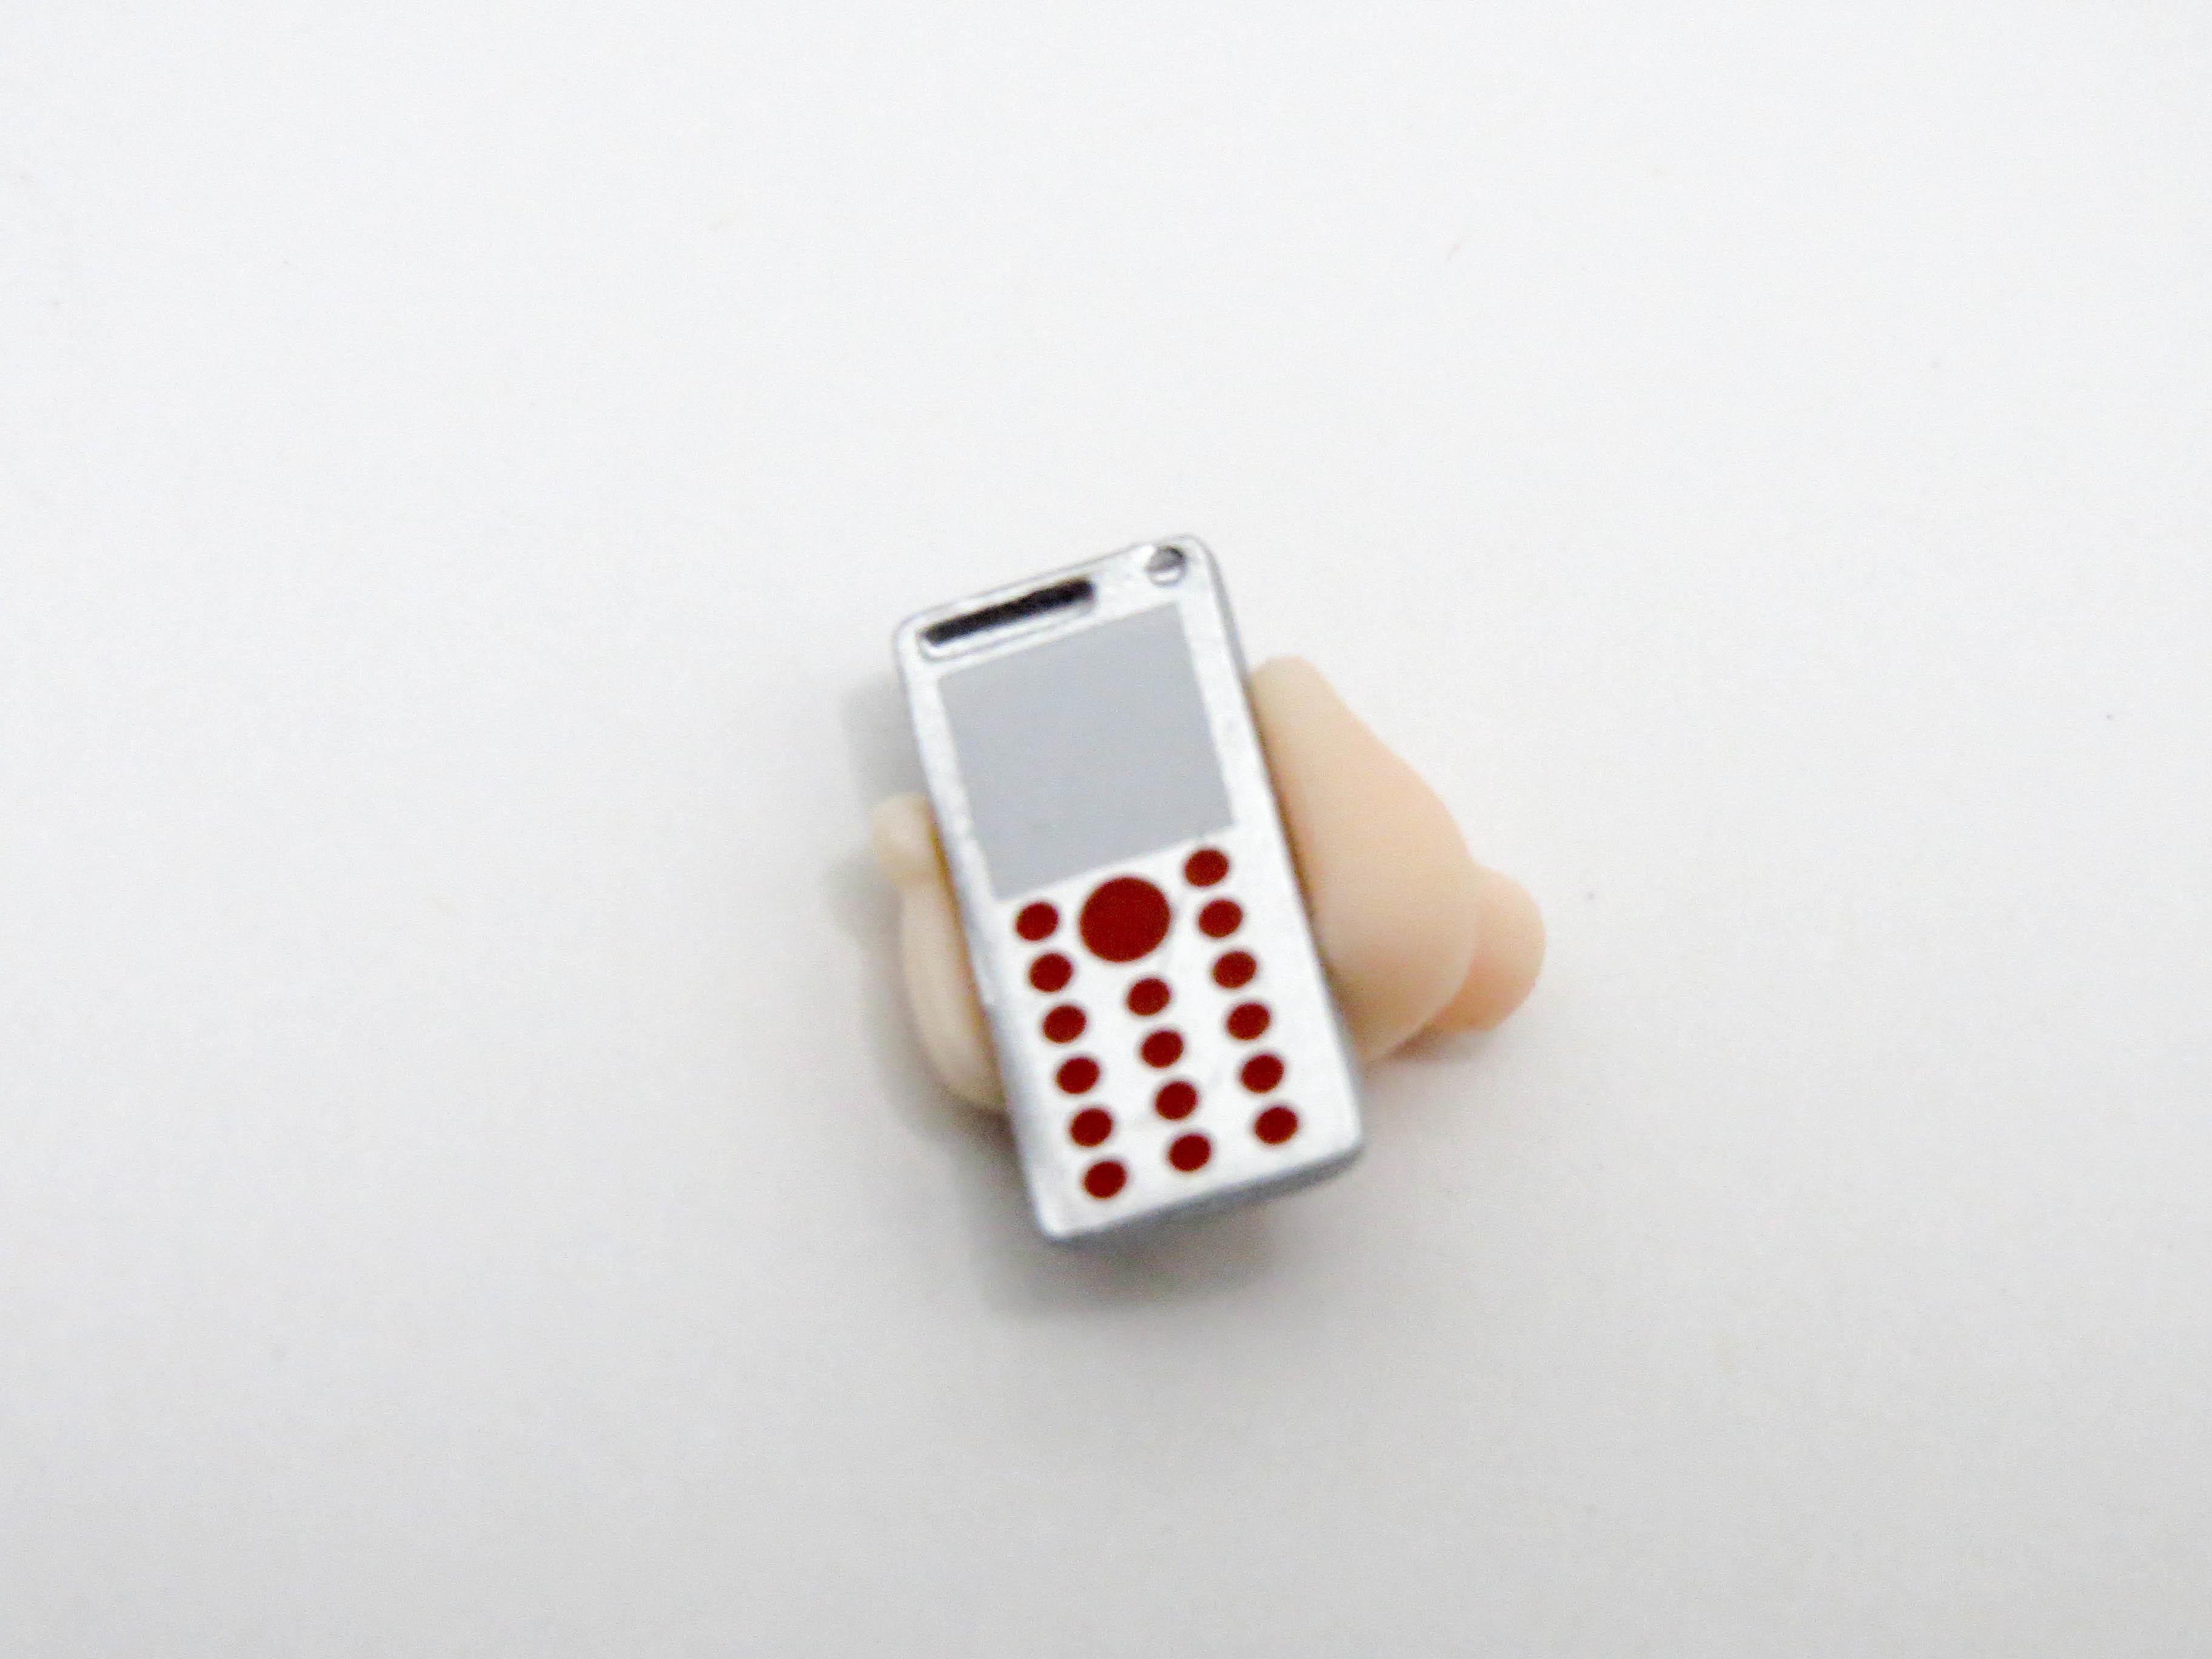 再入荷【404】 羽川翼 小物パーツ 携帯電話 ねんどろいど